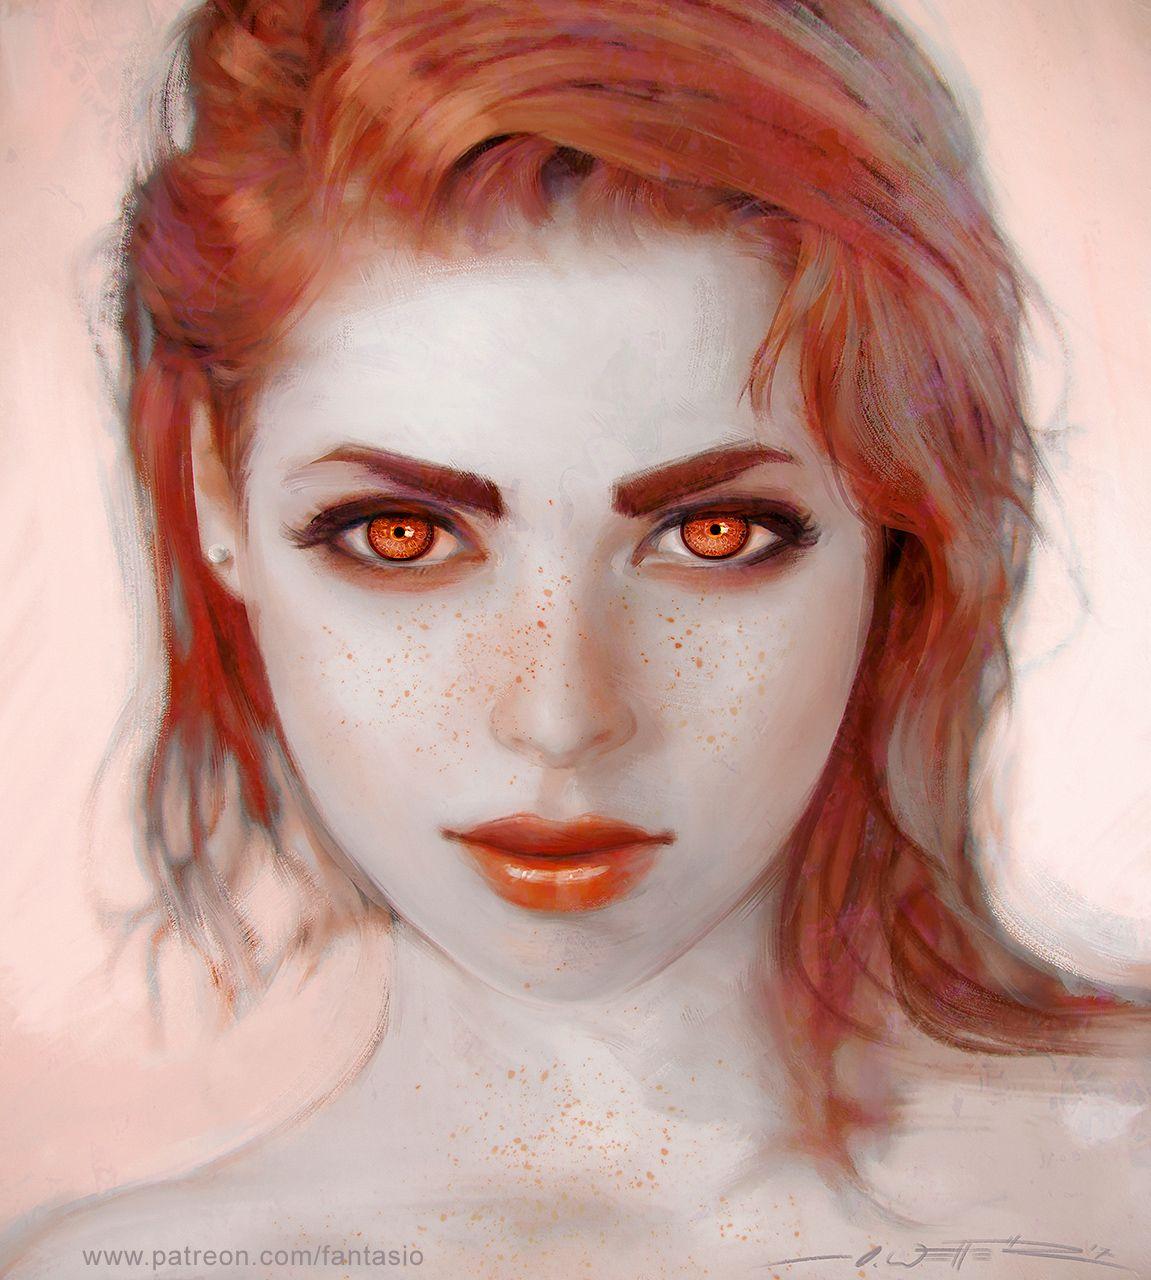 Фото Девушка с веснушками и красными глазами на лице, by Oliver Wetter